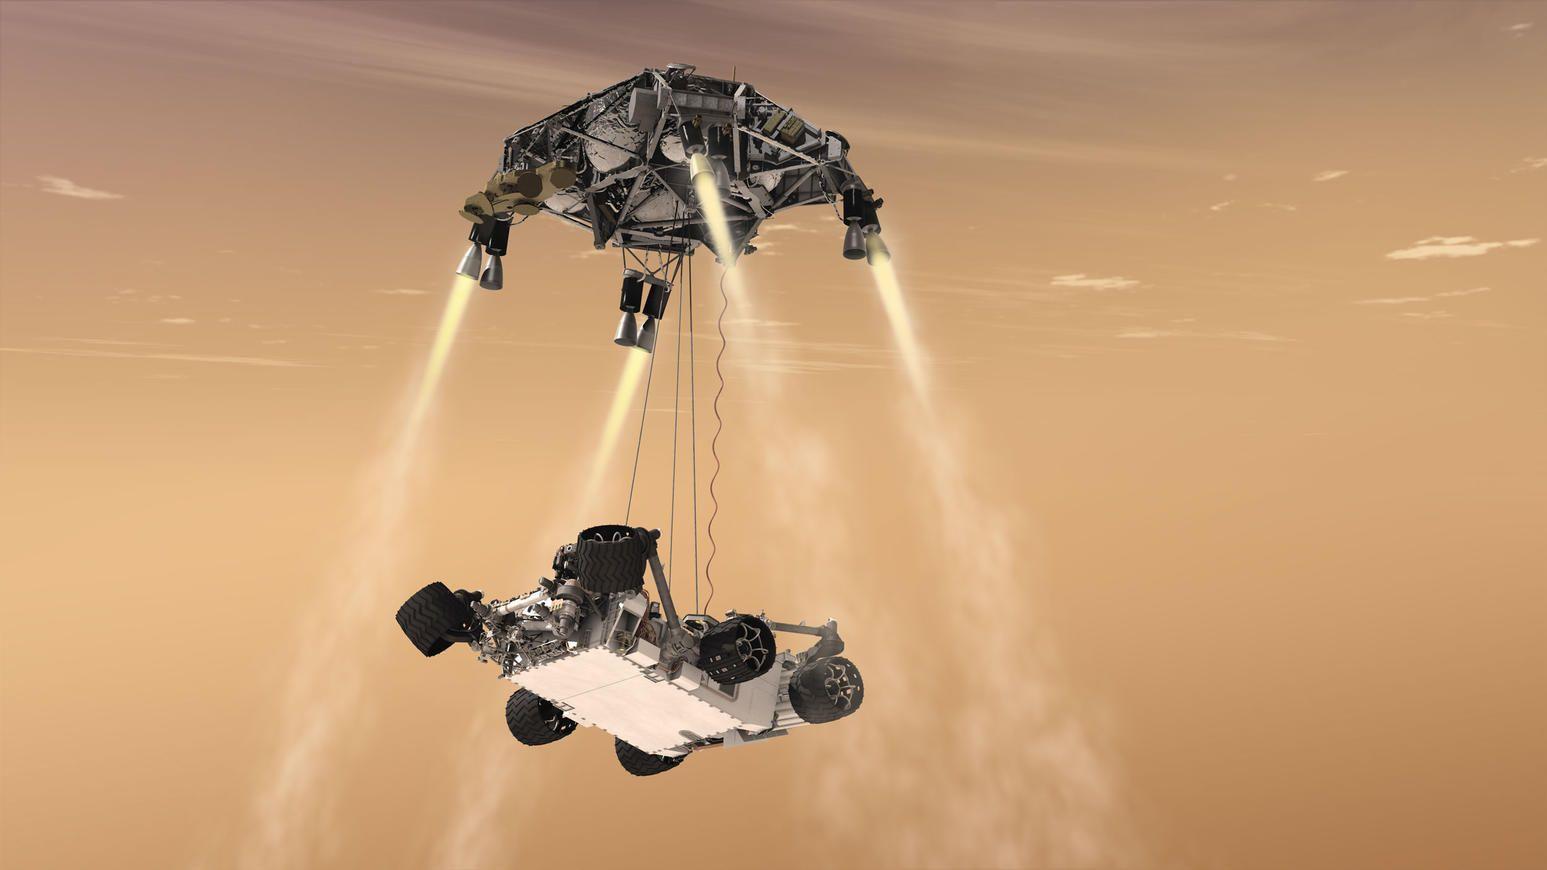 Omtrent slik skal det se ut når roveren lander på Mars, og hele prosessen skal filmes med opptil flere kameraer.